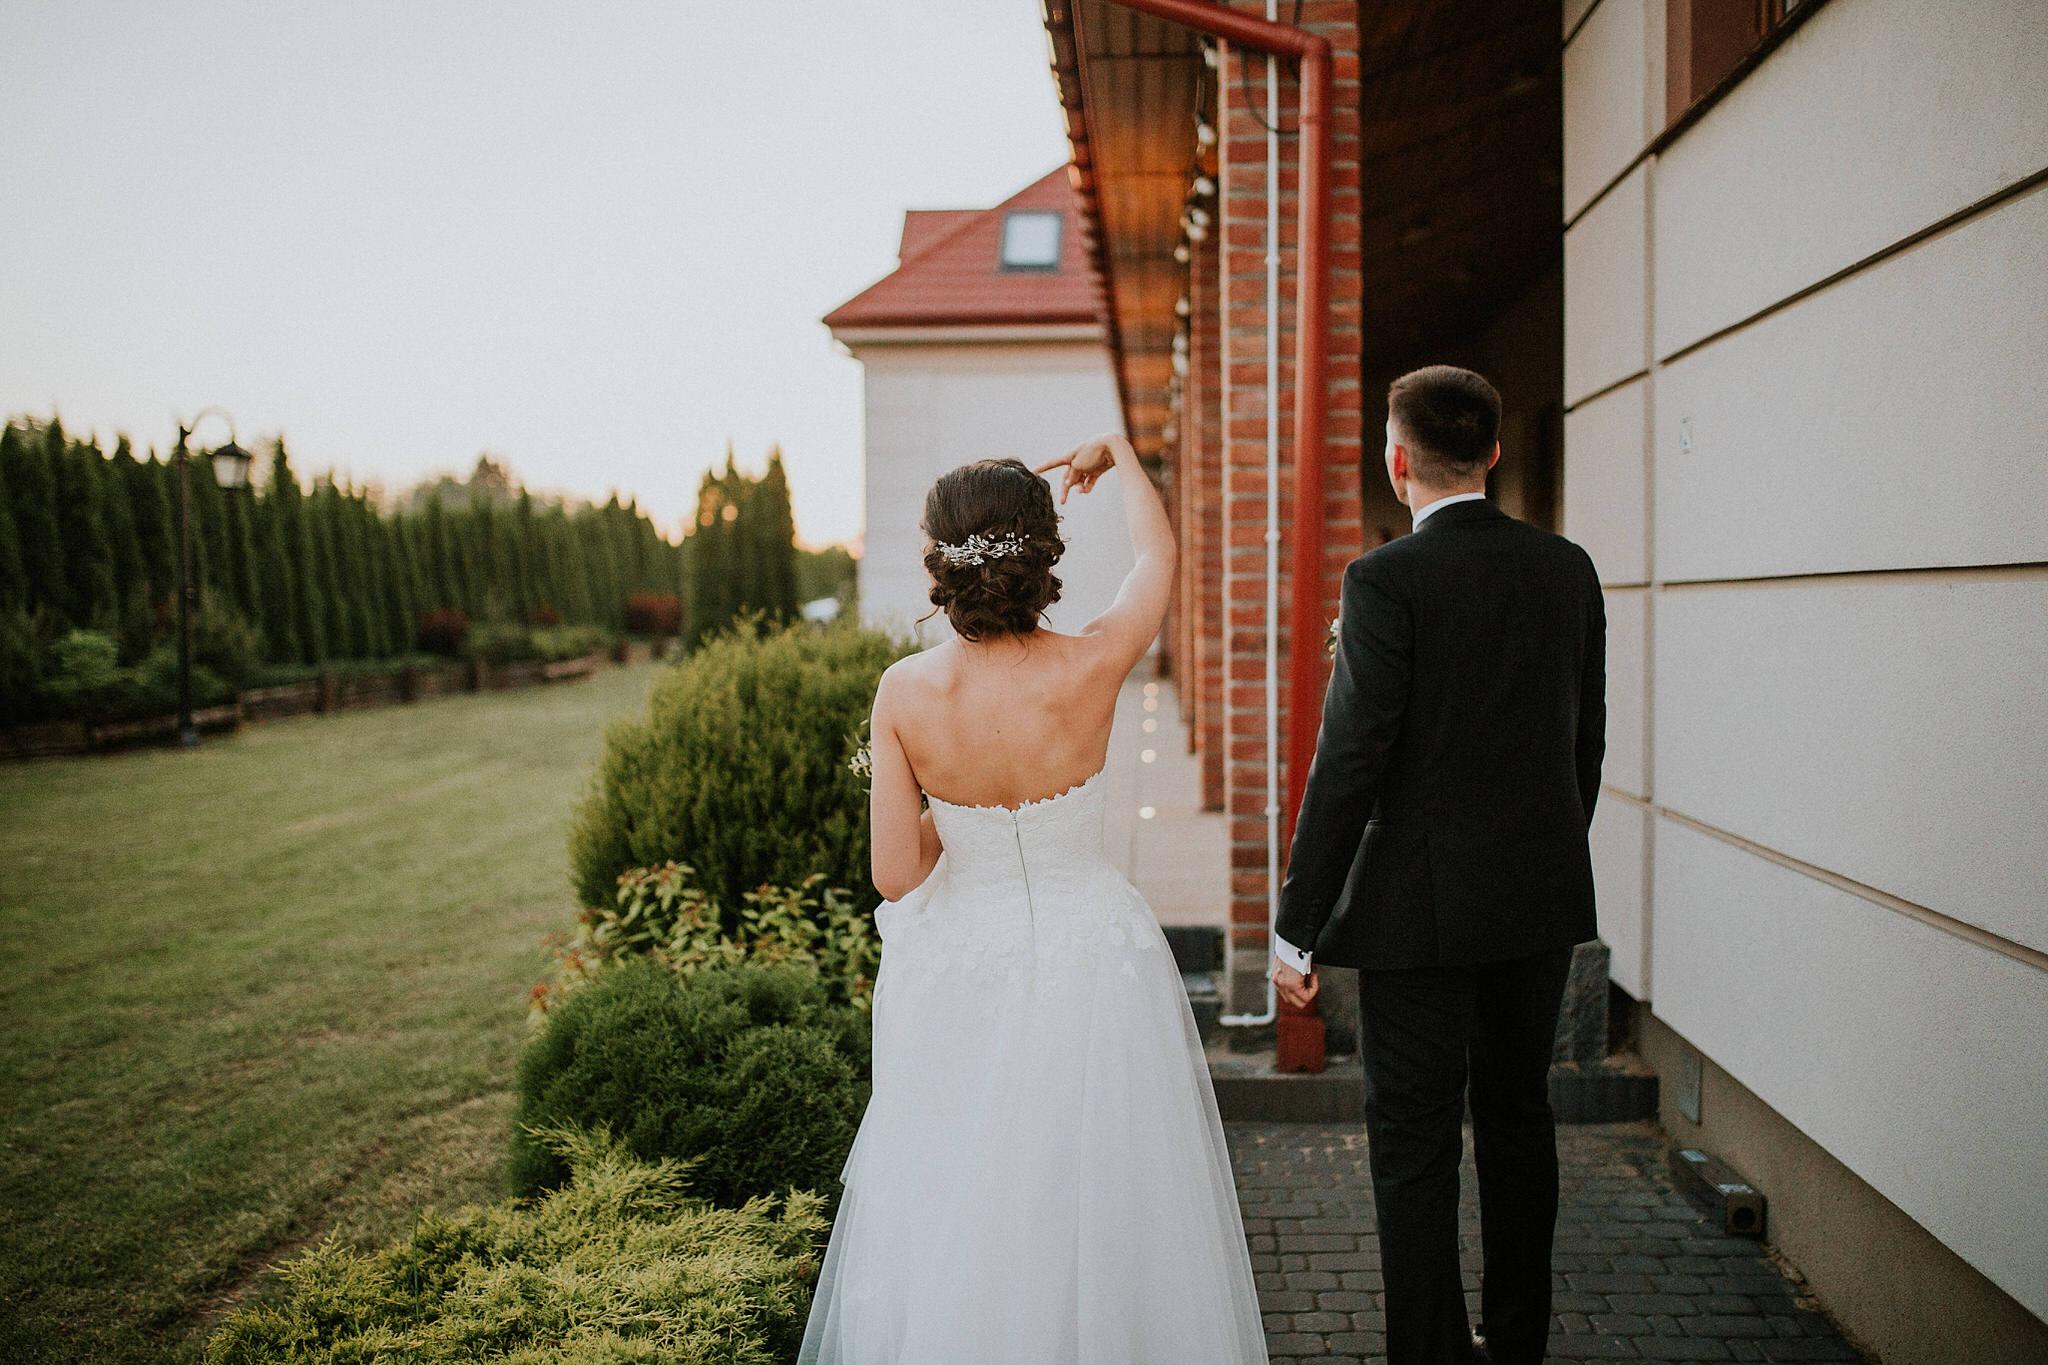 sandramarcin fotograf Karol Nycz www.karolnycz.com 479